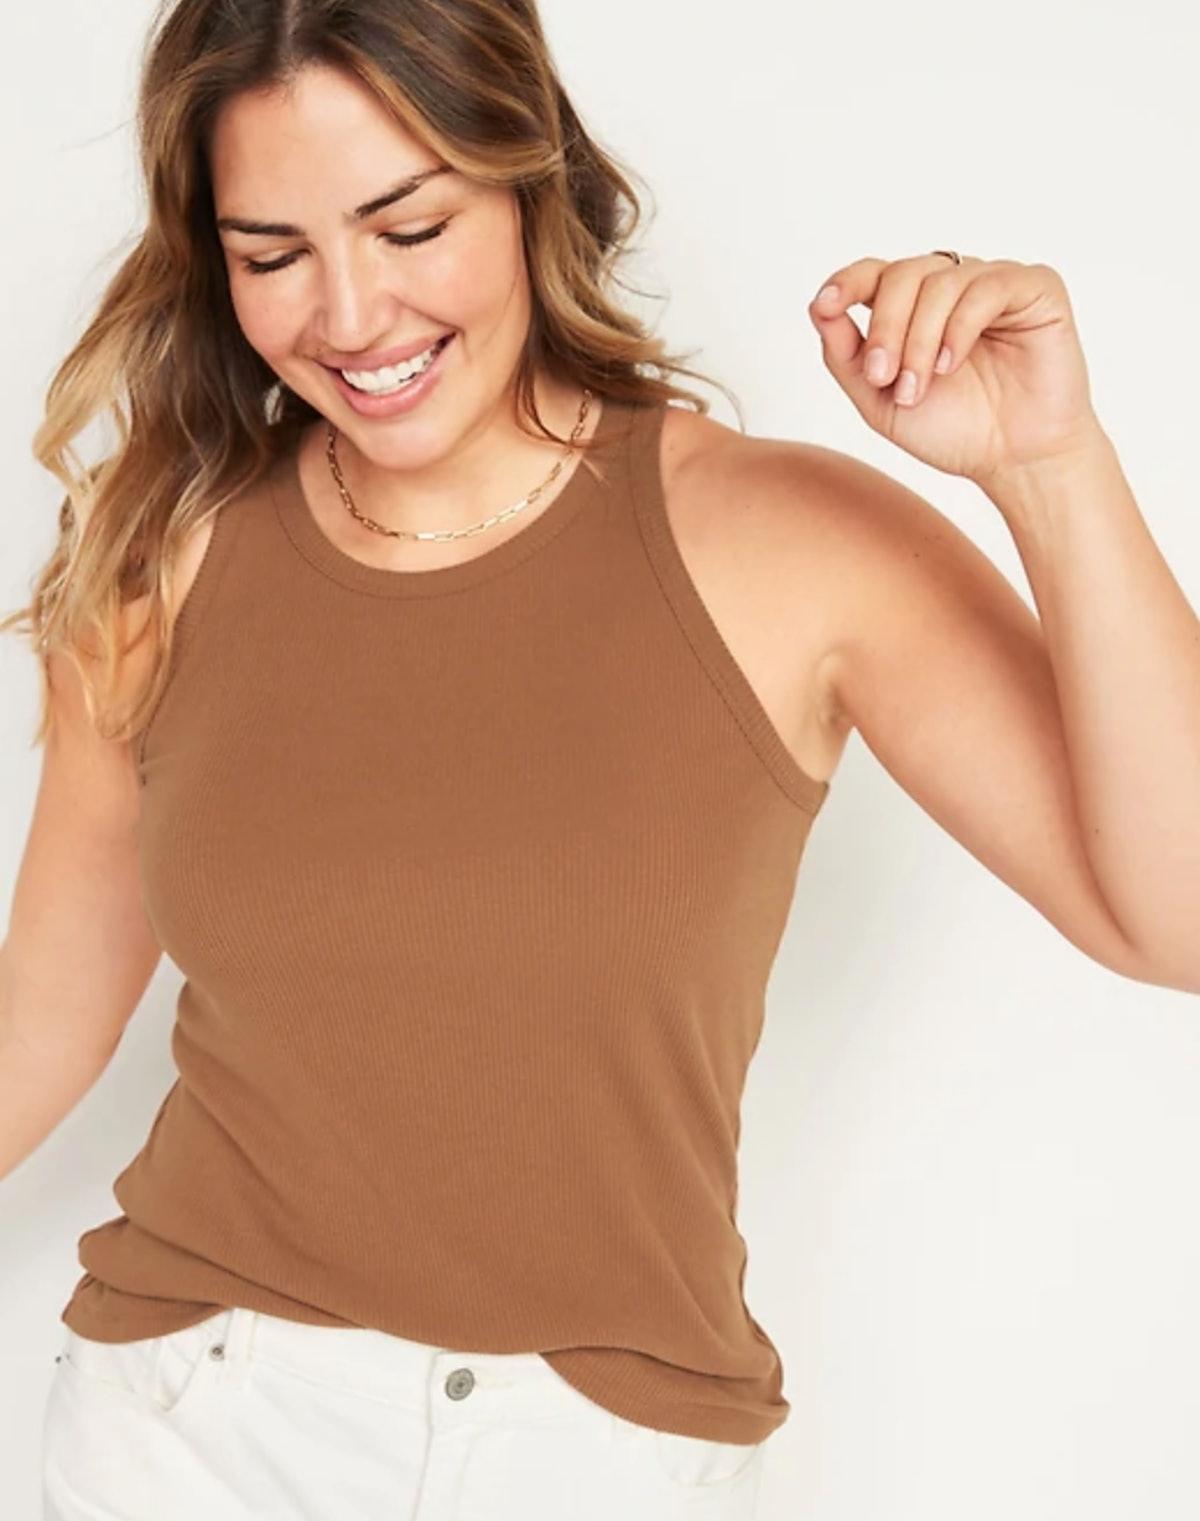 Slim-Fit Rib-Knit Tank Top for Women